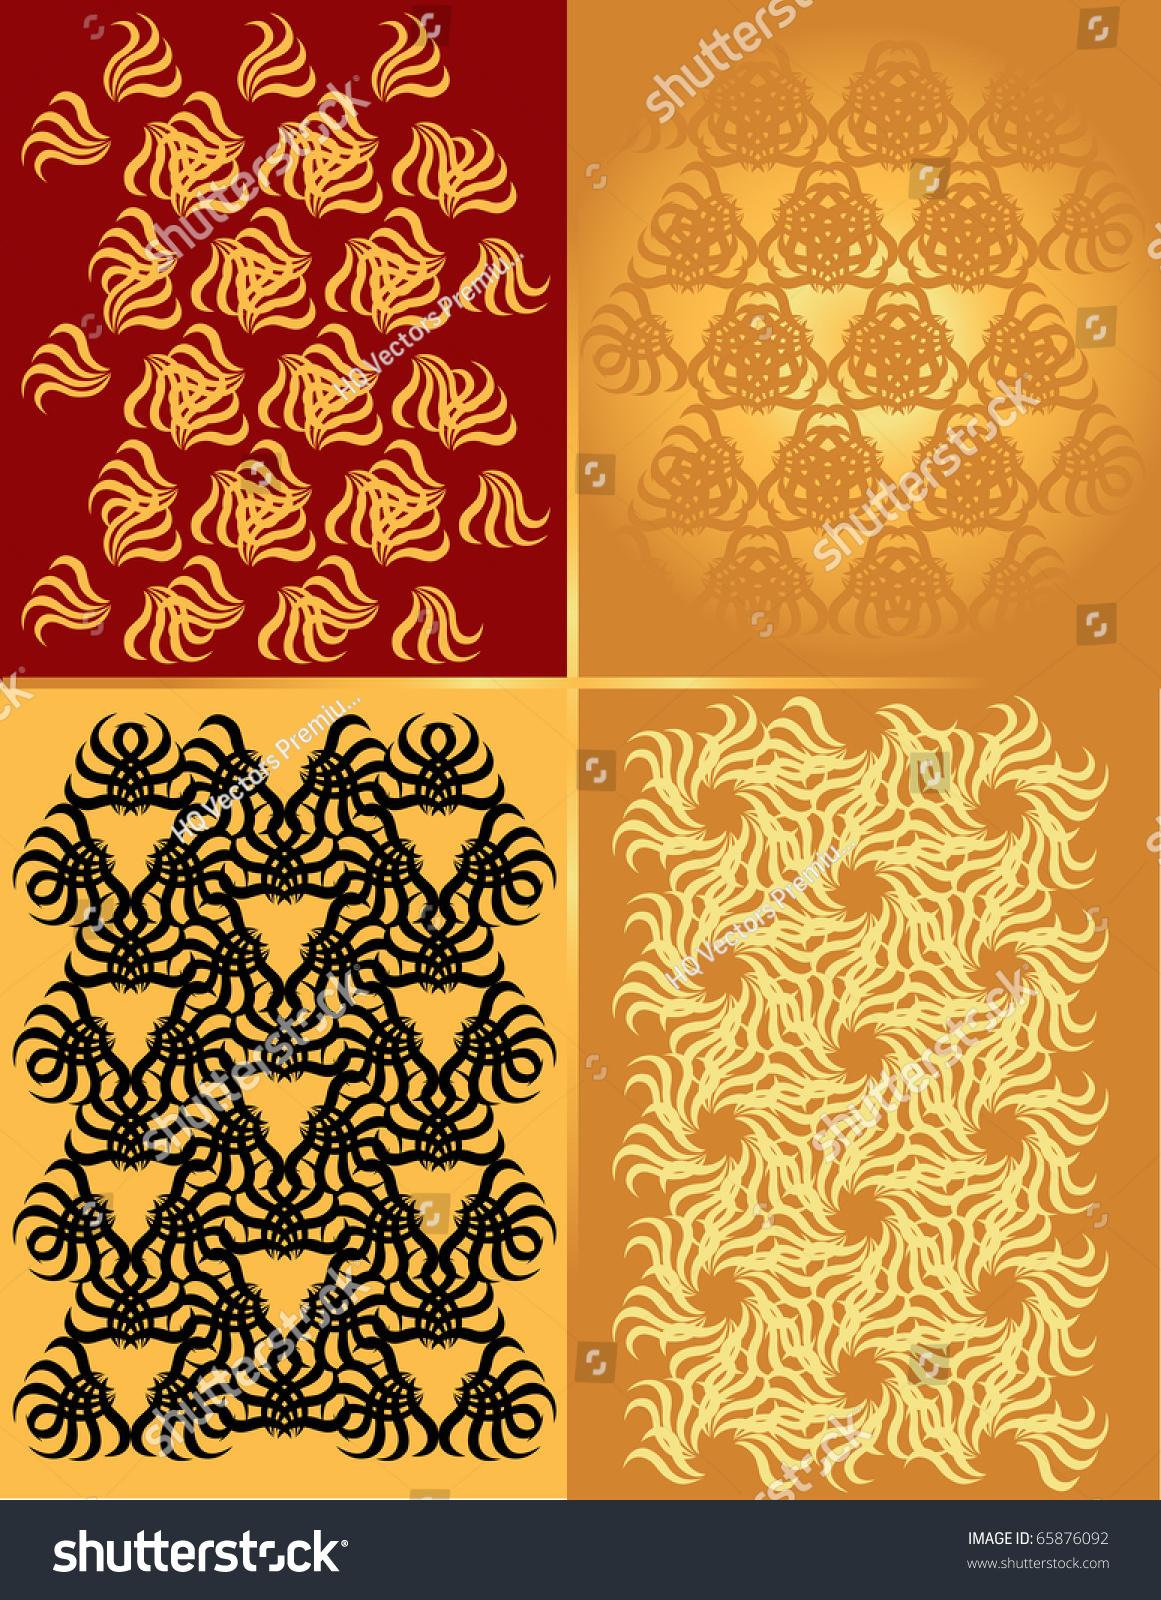 Old Caver Texture Christmas Art Nouveau Stock Illustration 65876092 ...